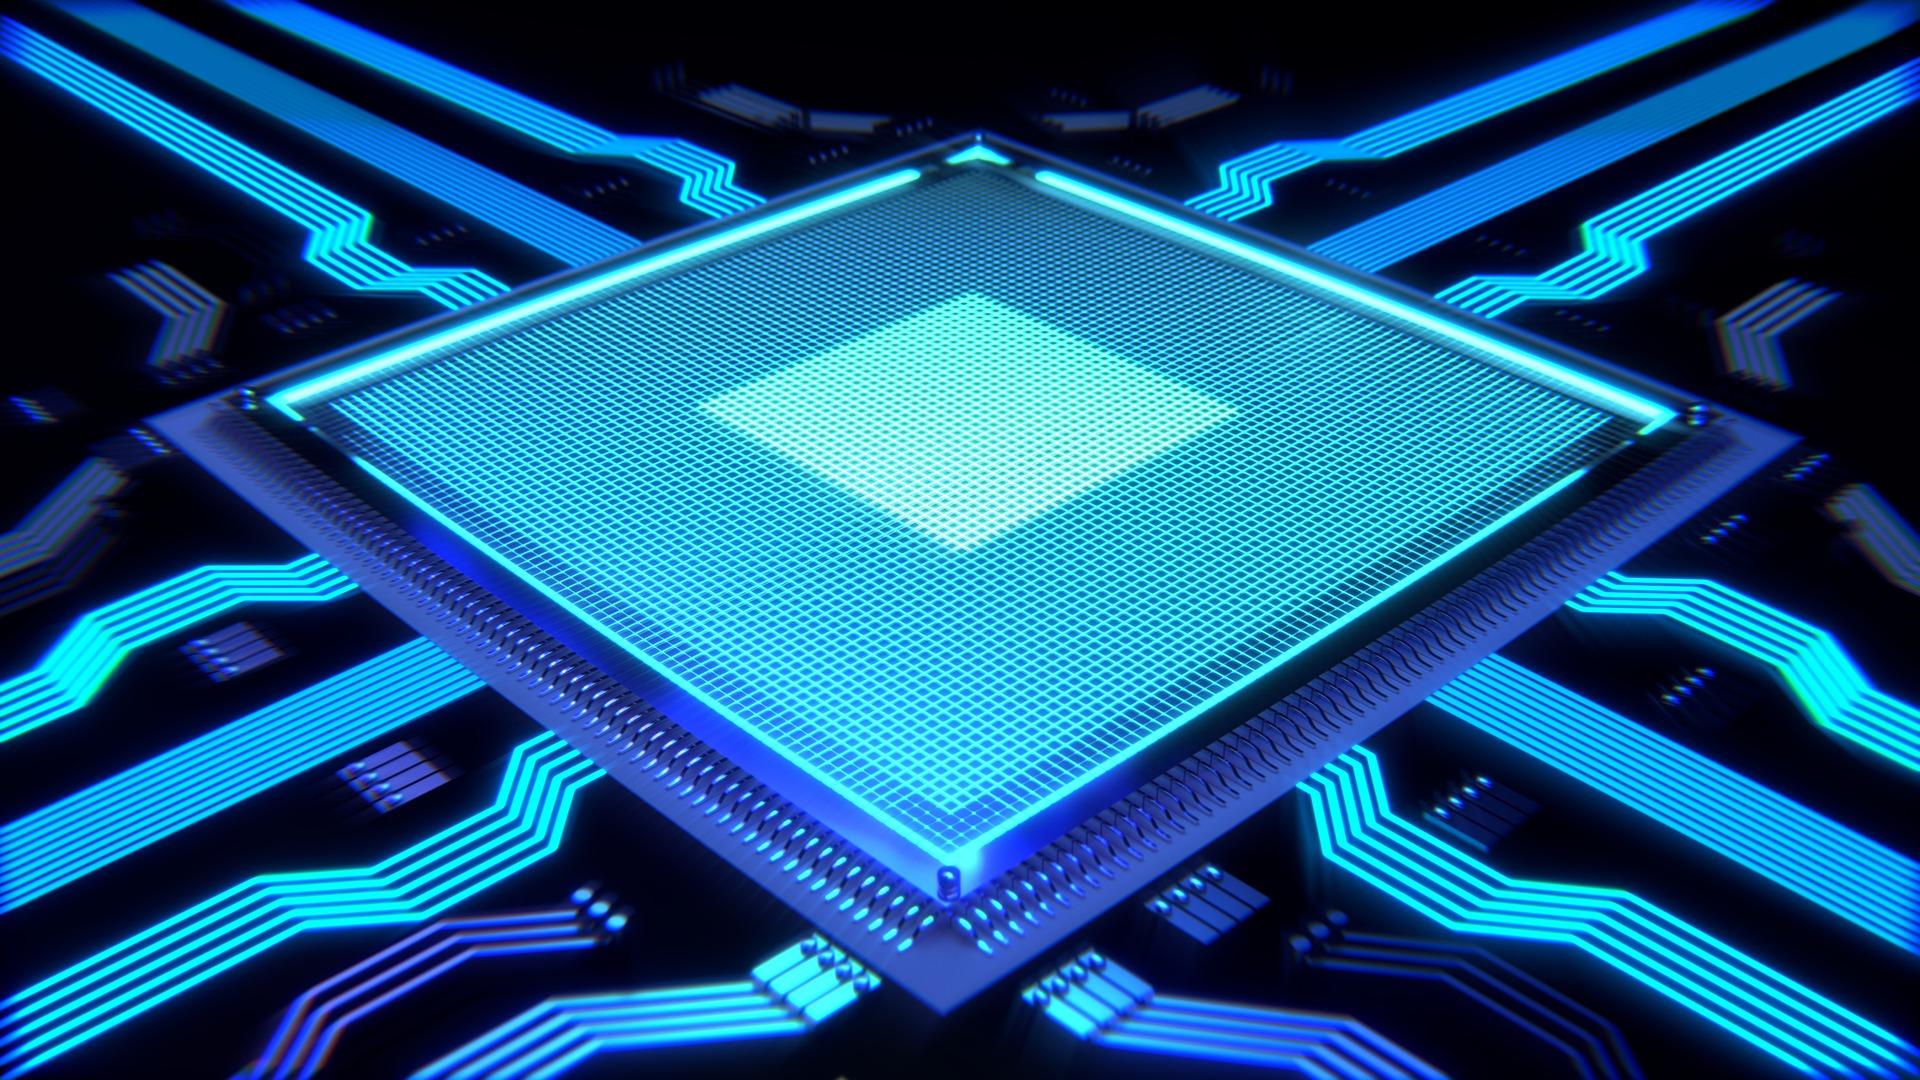 Obrázek: Qualcomm Snapdragon 855 pro 5G chytré telefony oznámen: bleskovou rychlost doprovodí umělá inteligence